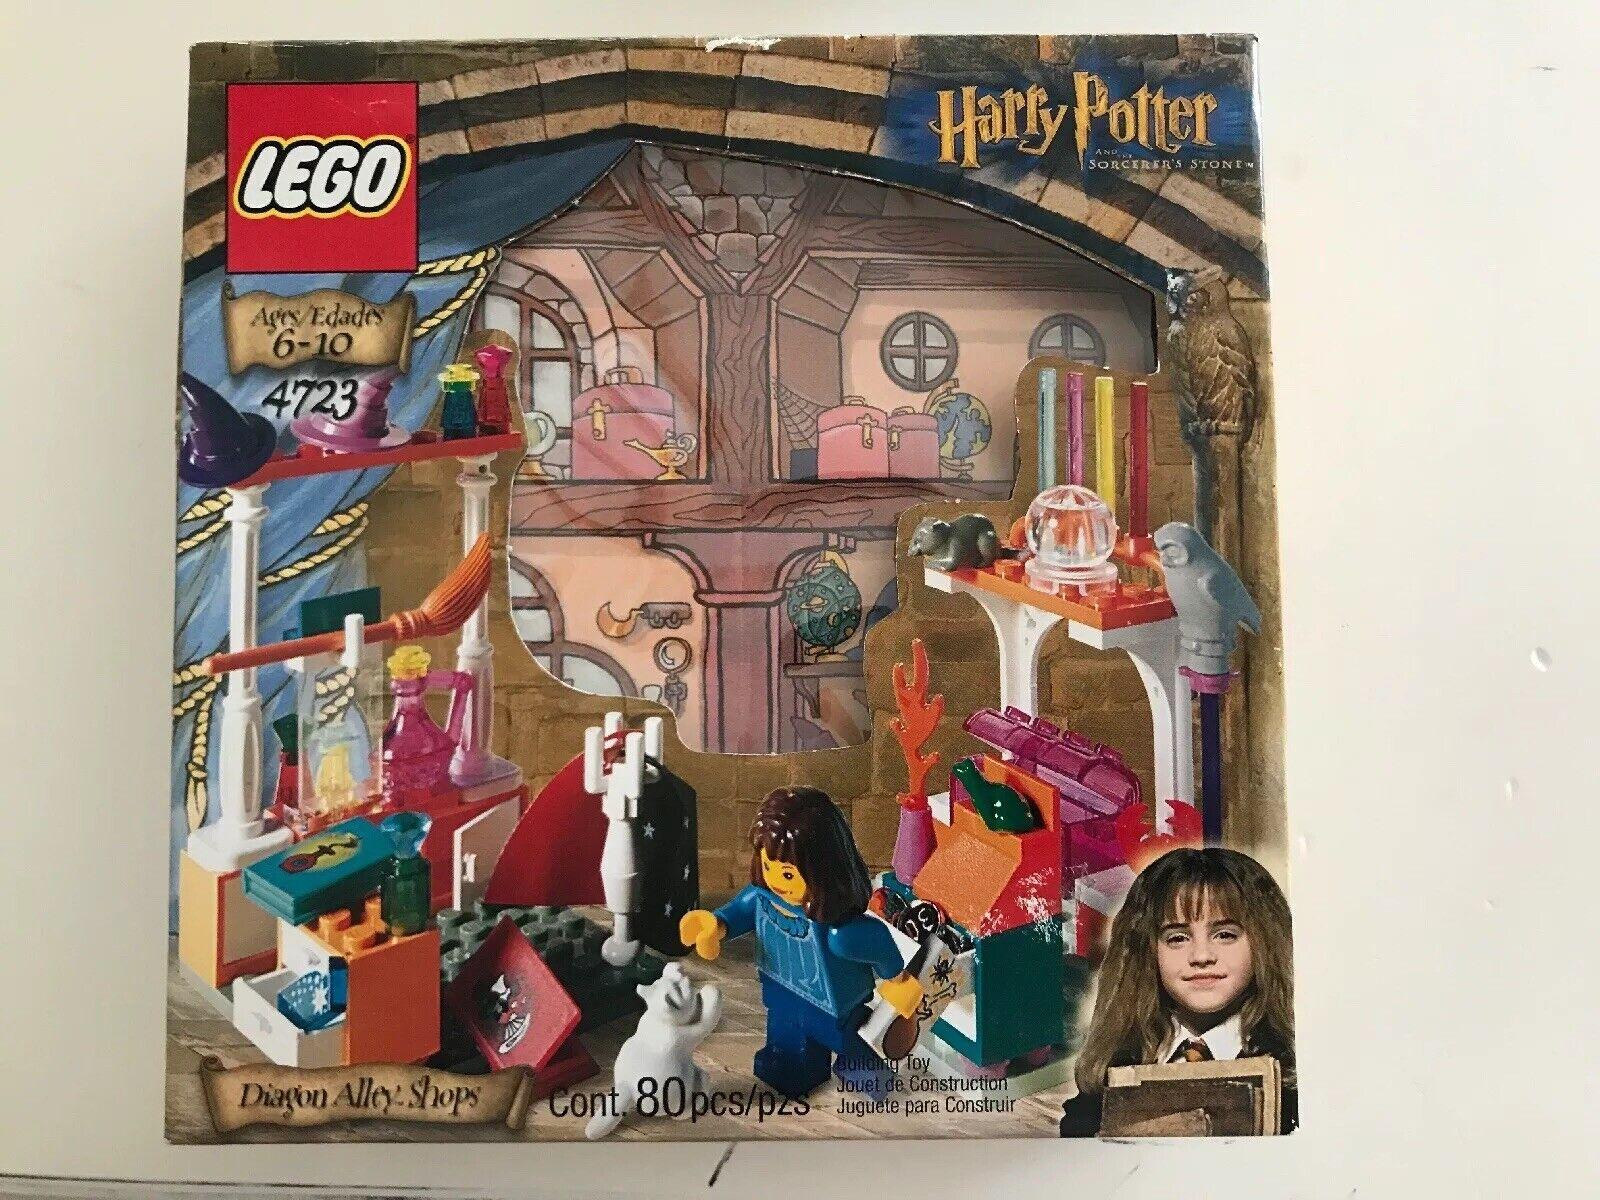 Lego  Diagon Alley magasins 4723 BRAND nouveau  livraison et retours gratuits